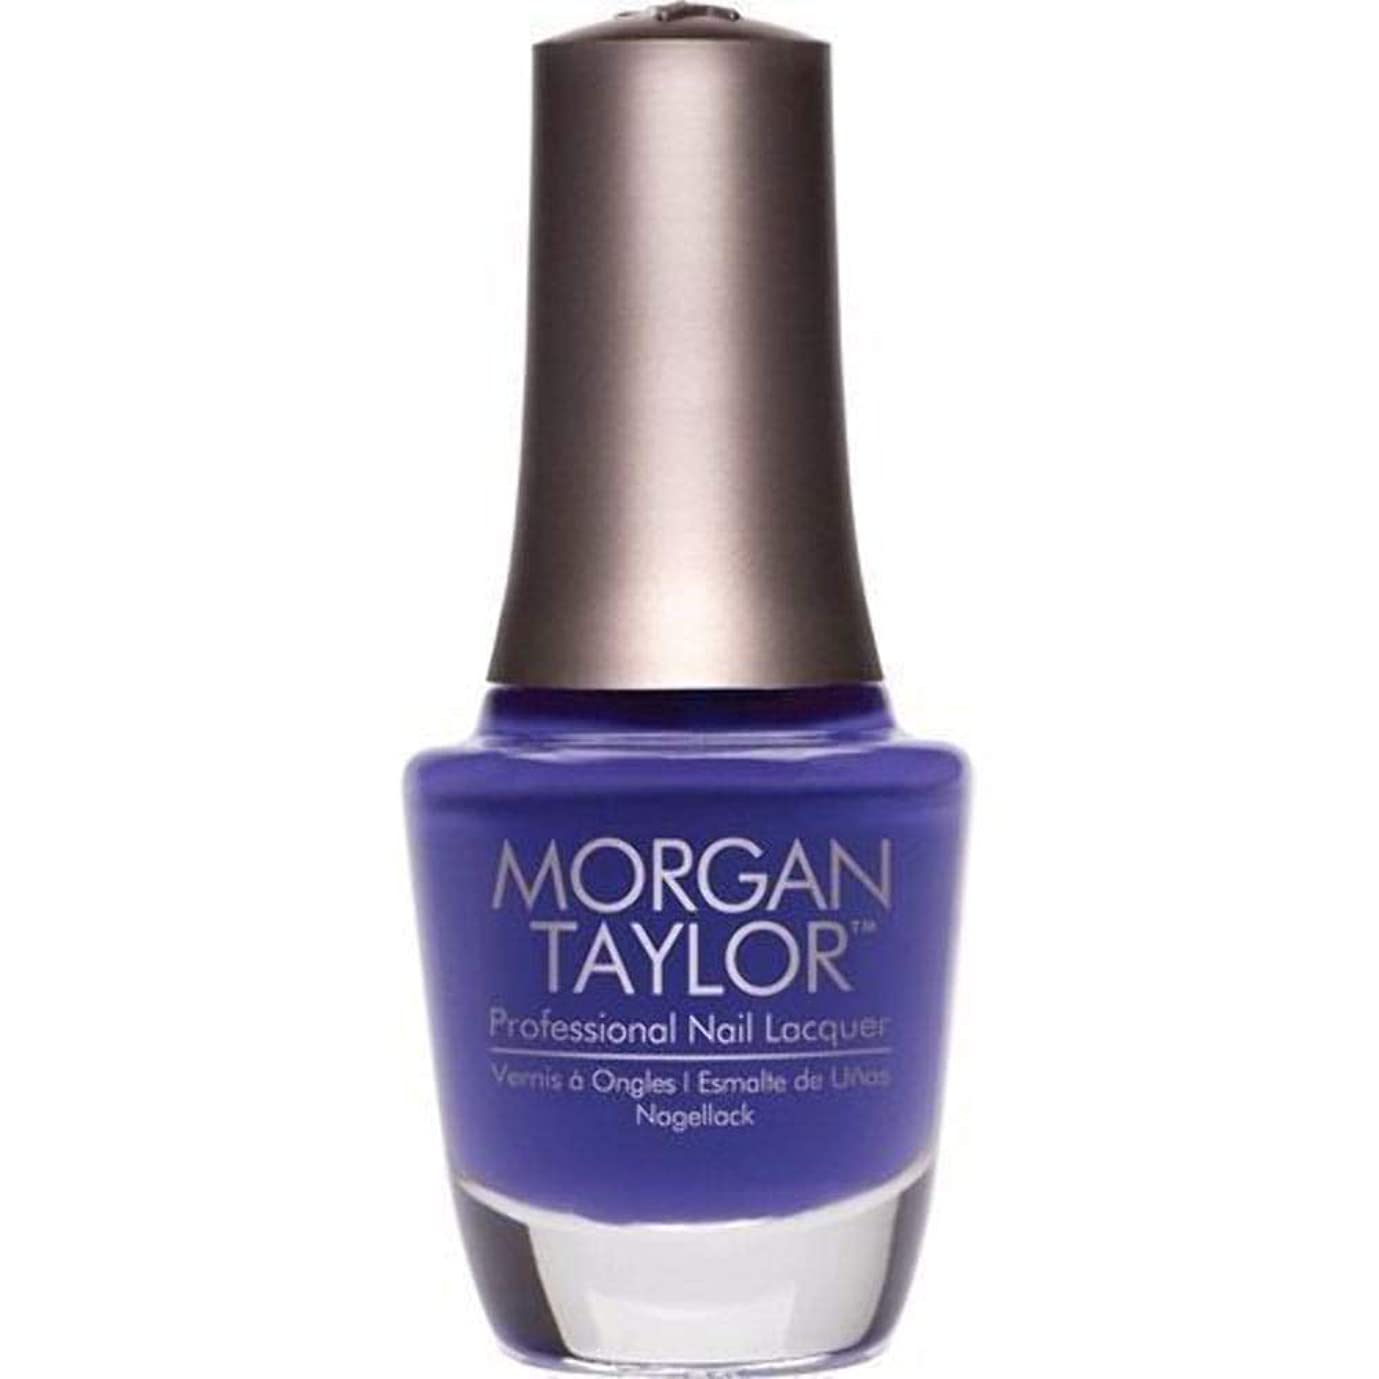 信頼性秀でる受取人Morgan Taylor - Professional Nail Lacquer - Anime-zing Color! - 15 mL / 0.5oz